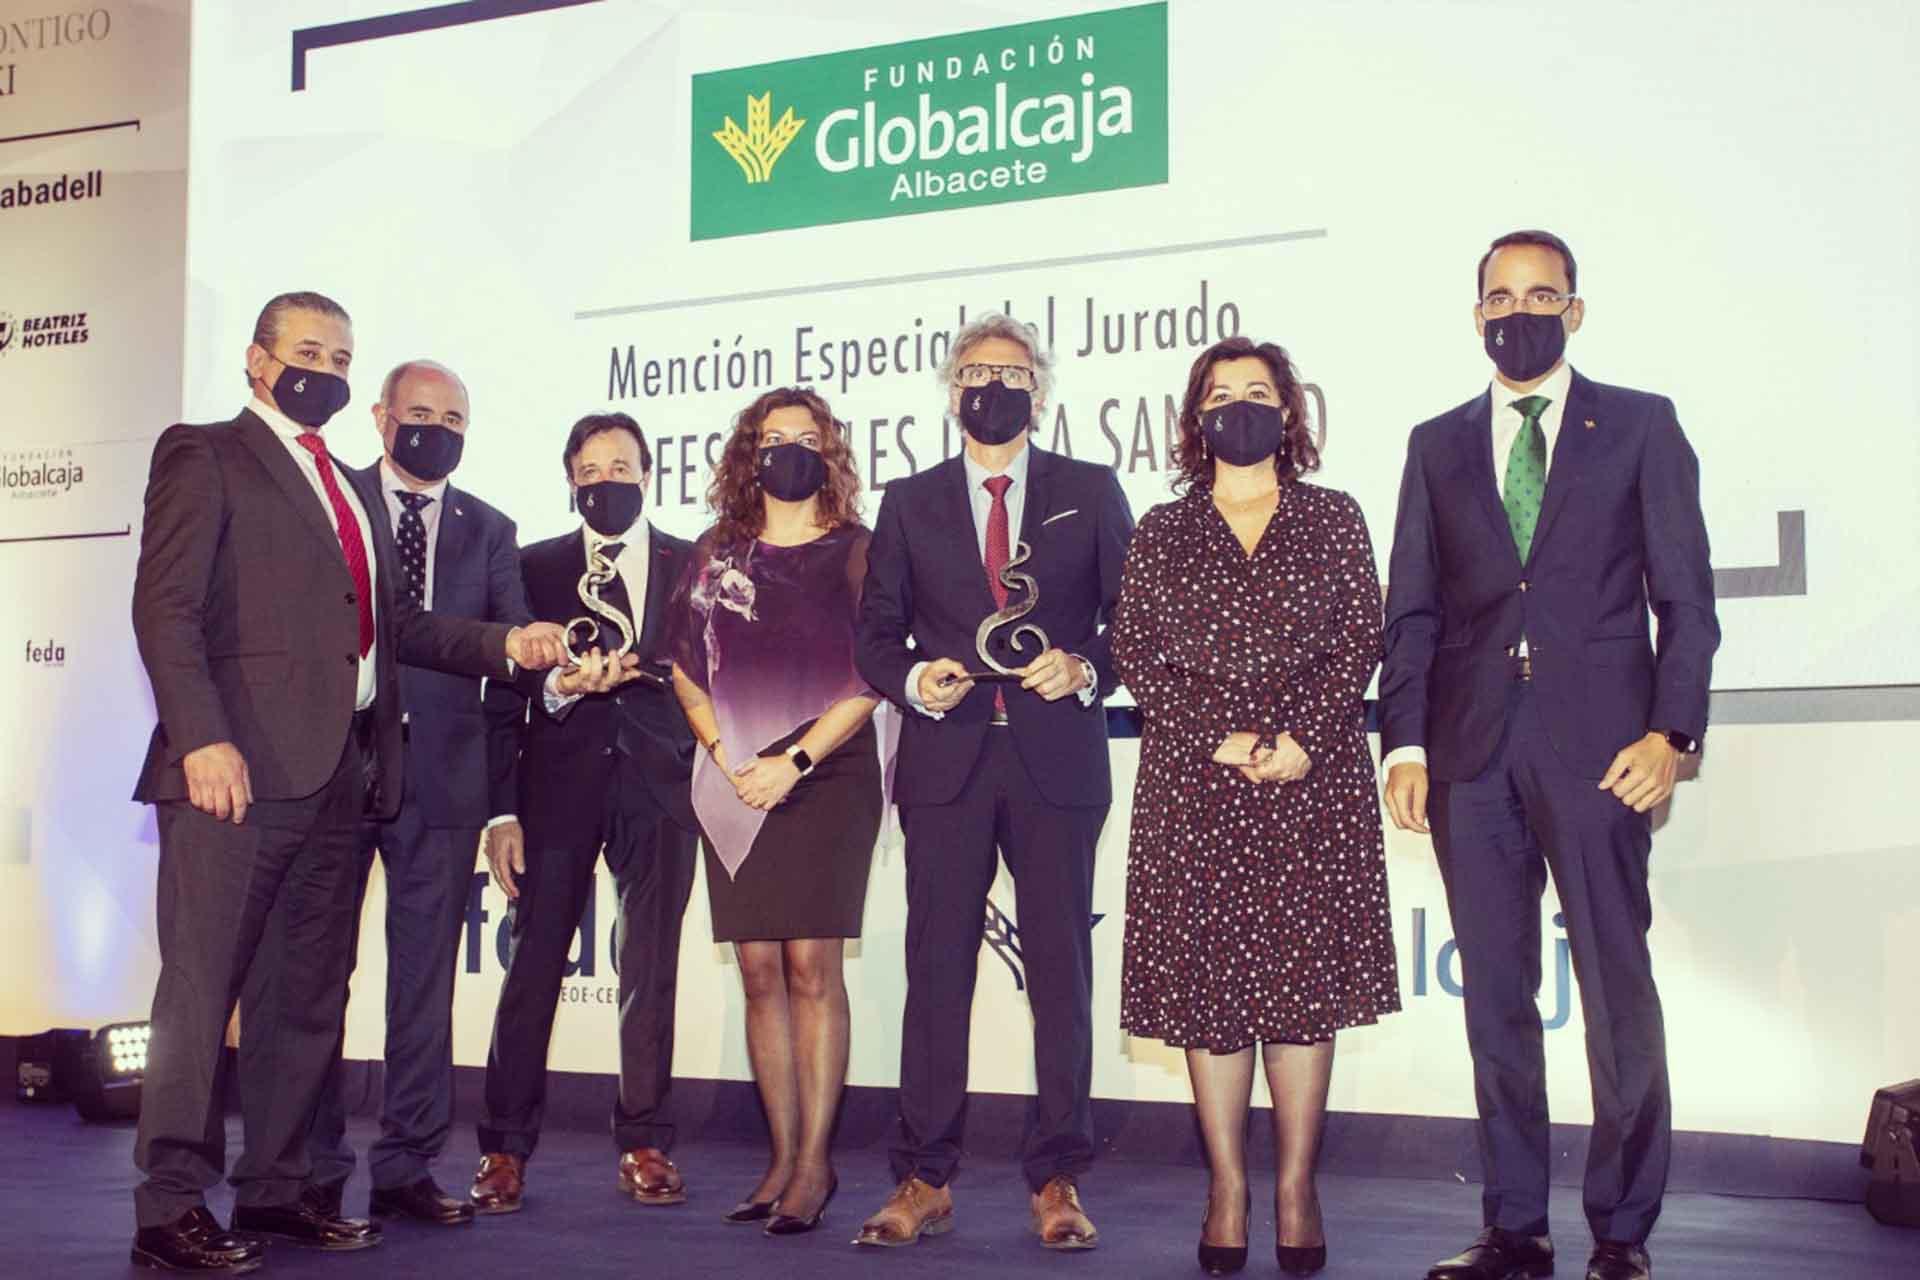 Los premios San Juan 2020, este año con Mención Especial del Jurado a los profesionales de la salud